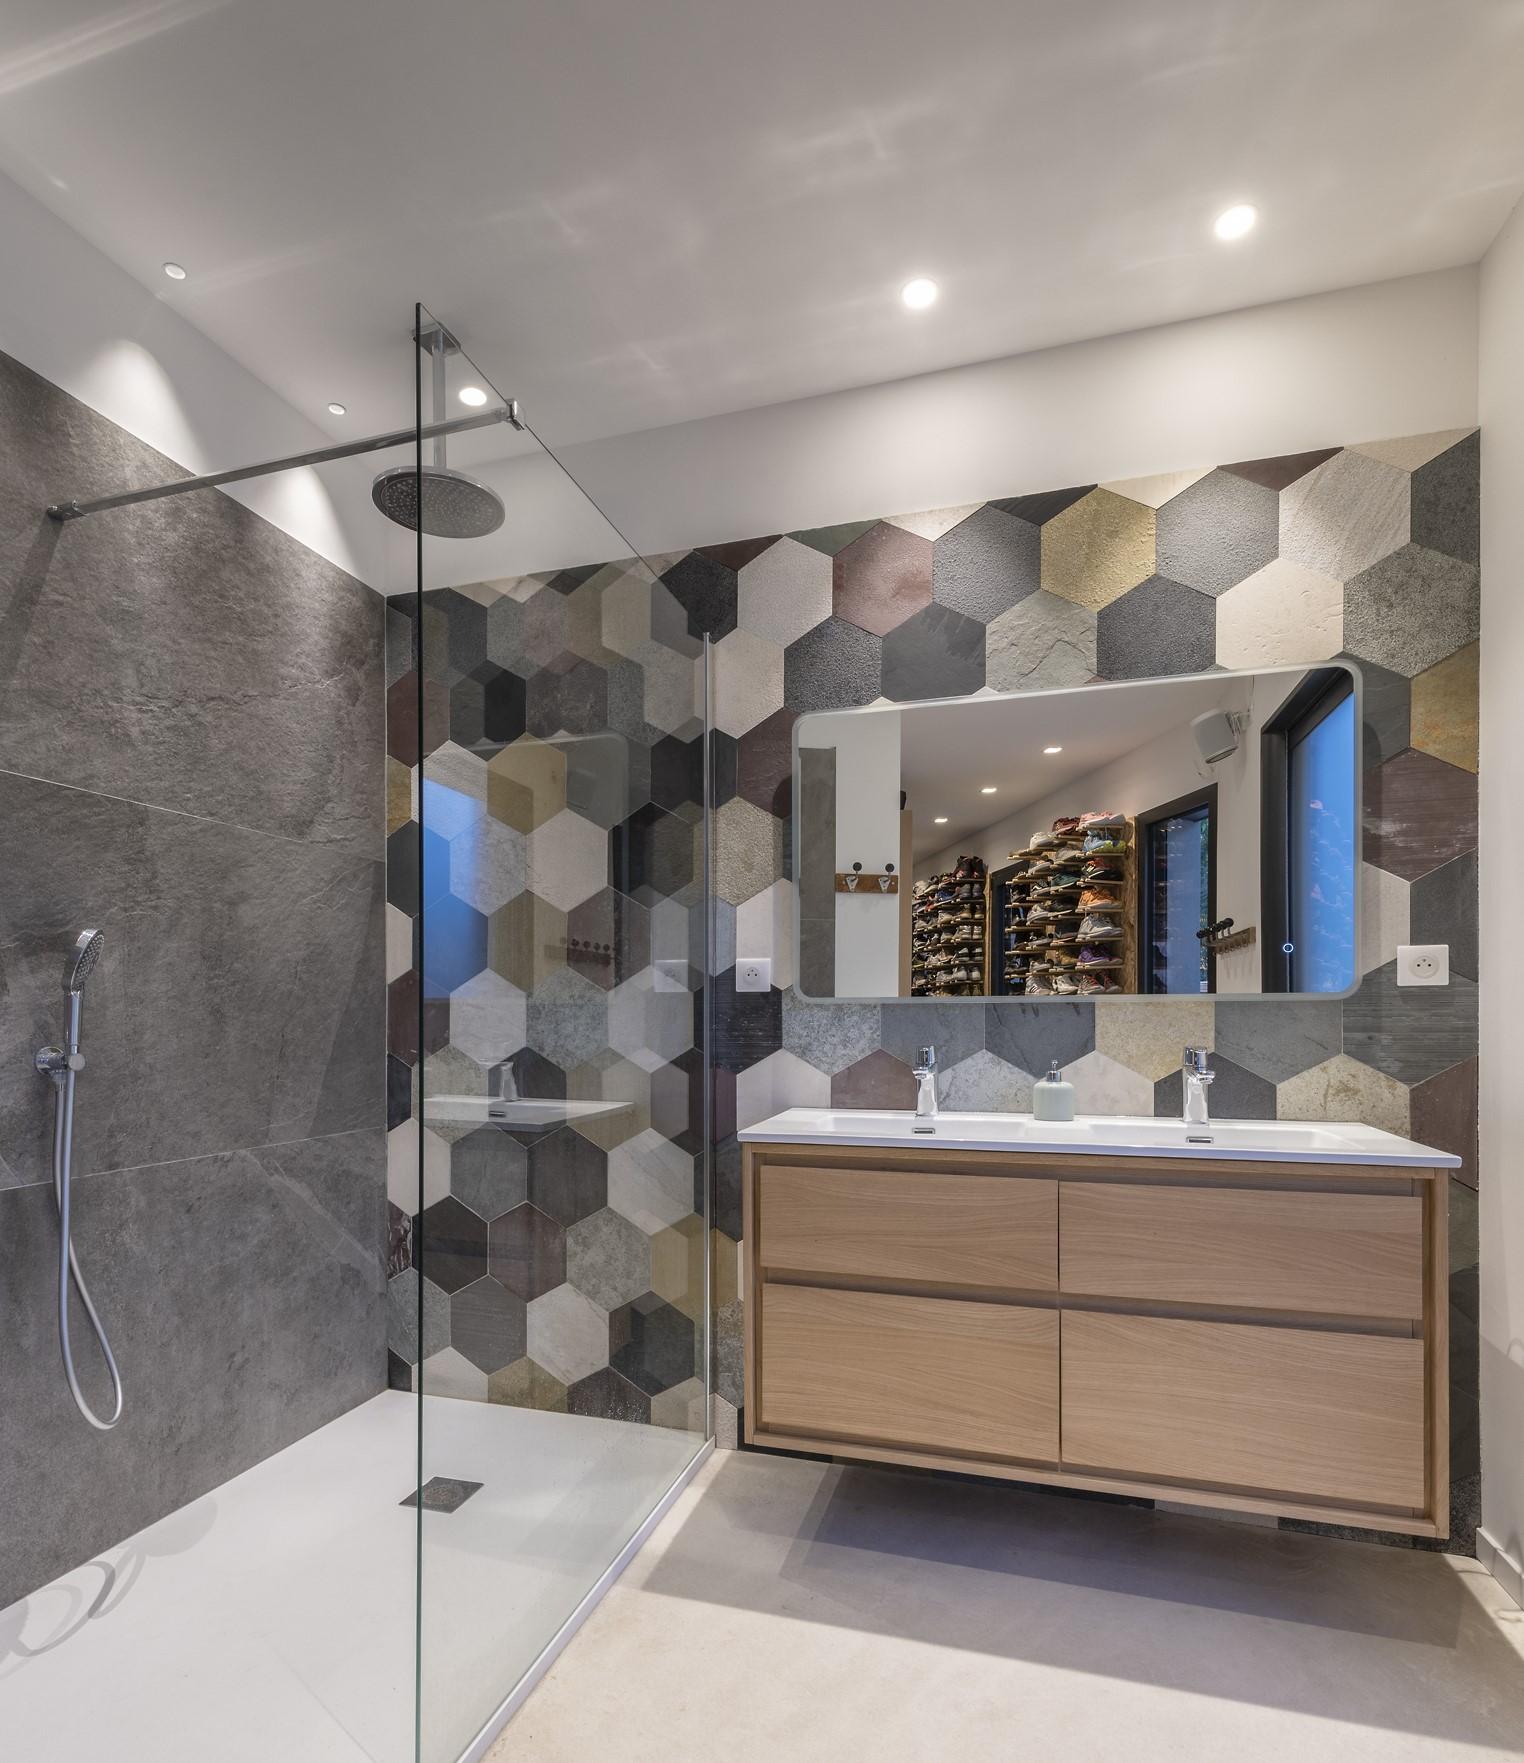 vue d'ensemble de la salle de bain de la villa privée zeta